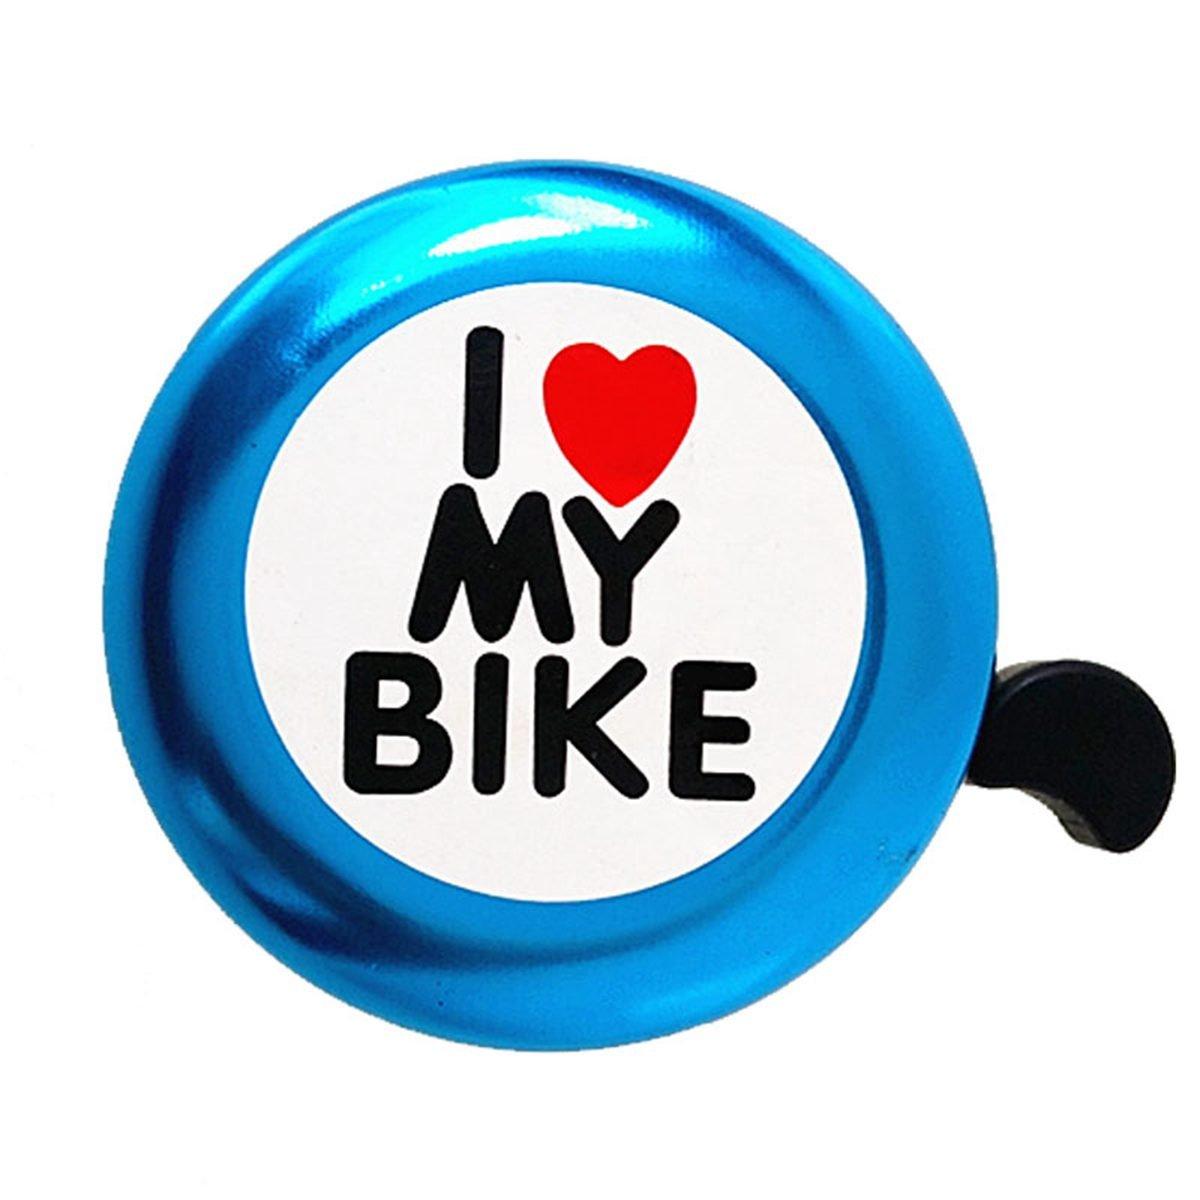 I Like My Bike Bocina de bicicleta SODIAL Campana de bicicleta Anillo de aluminio fuerte Accesorios de bicicleta mini para Bicicletas de Adultos Hombres Mujeres Ninos Chicas azul